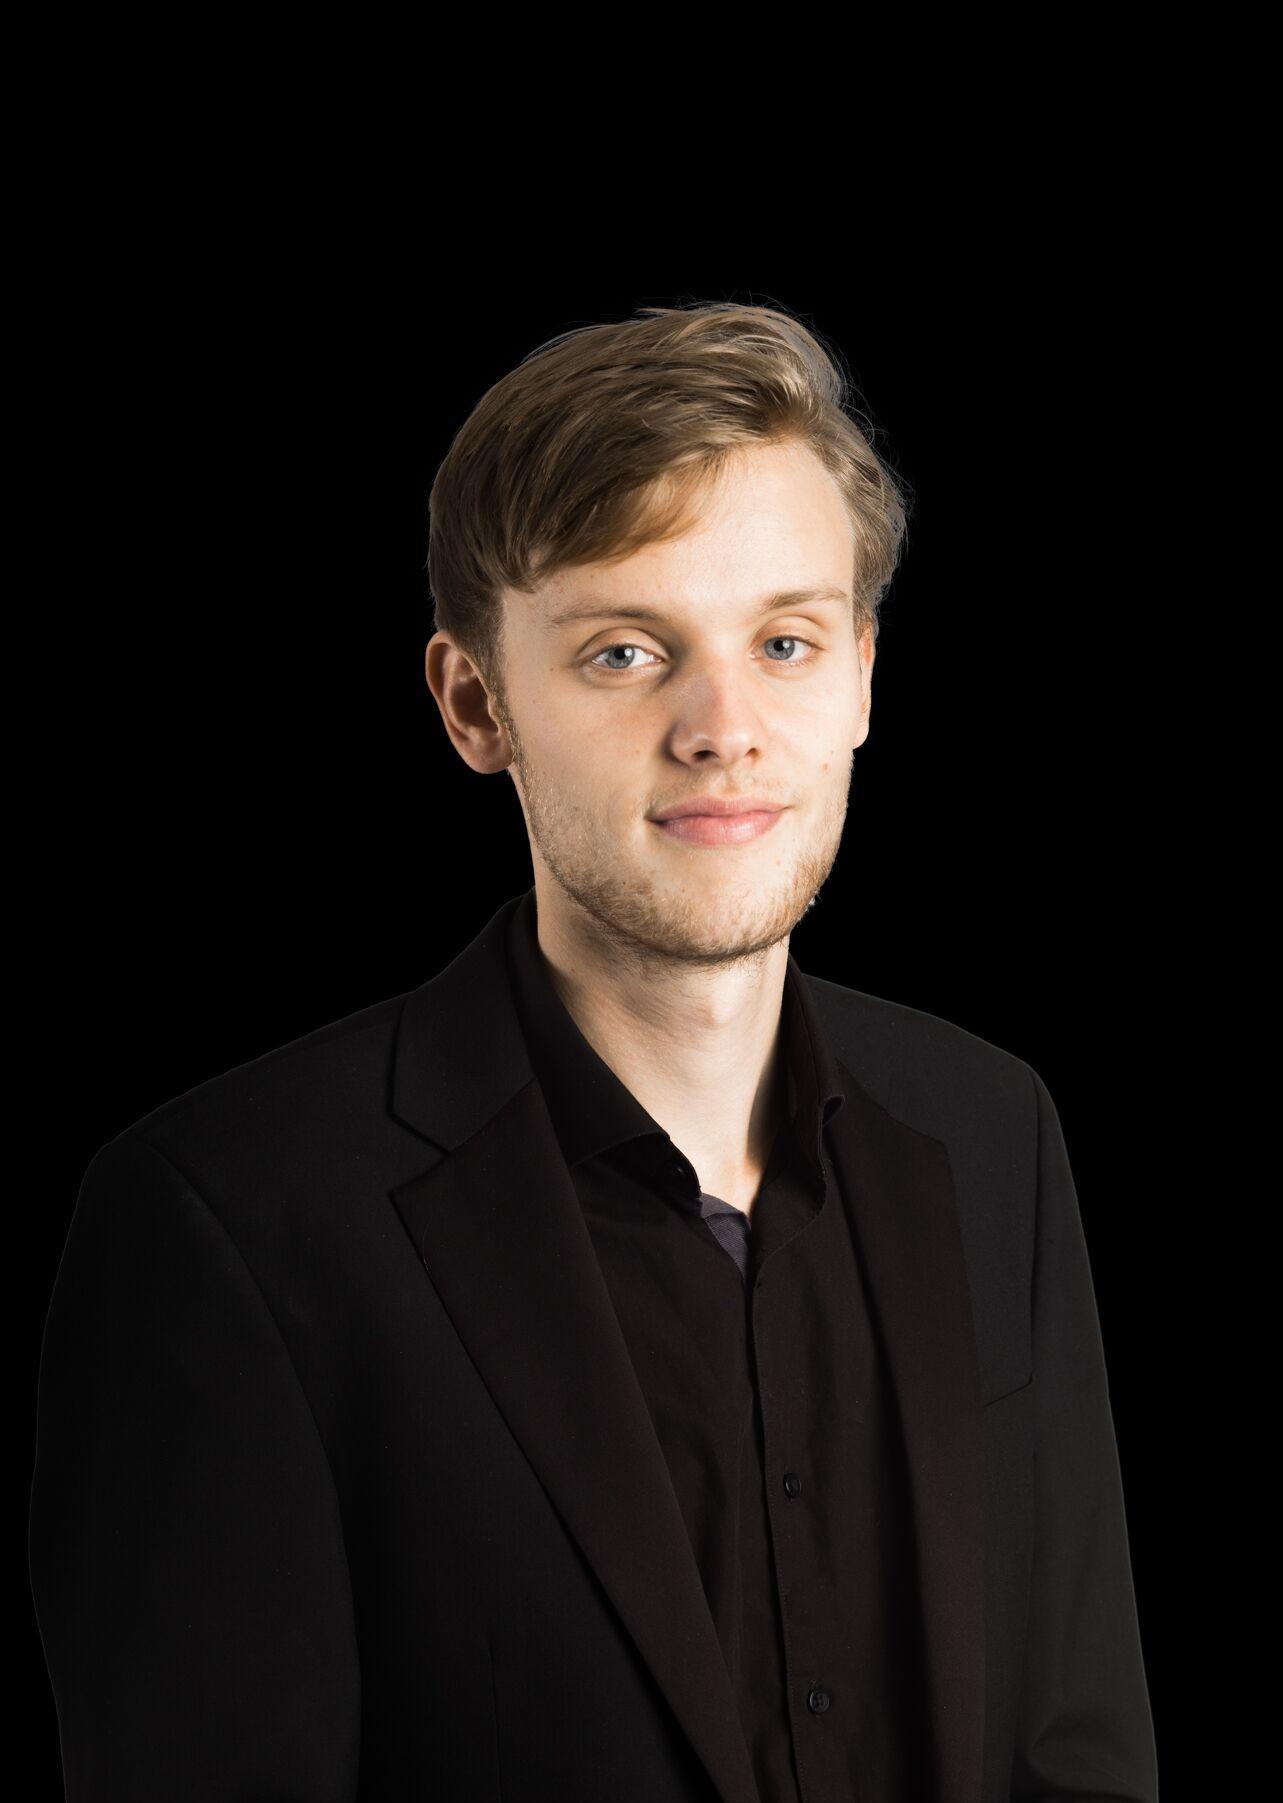 Alexander Chance